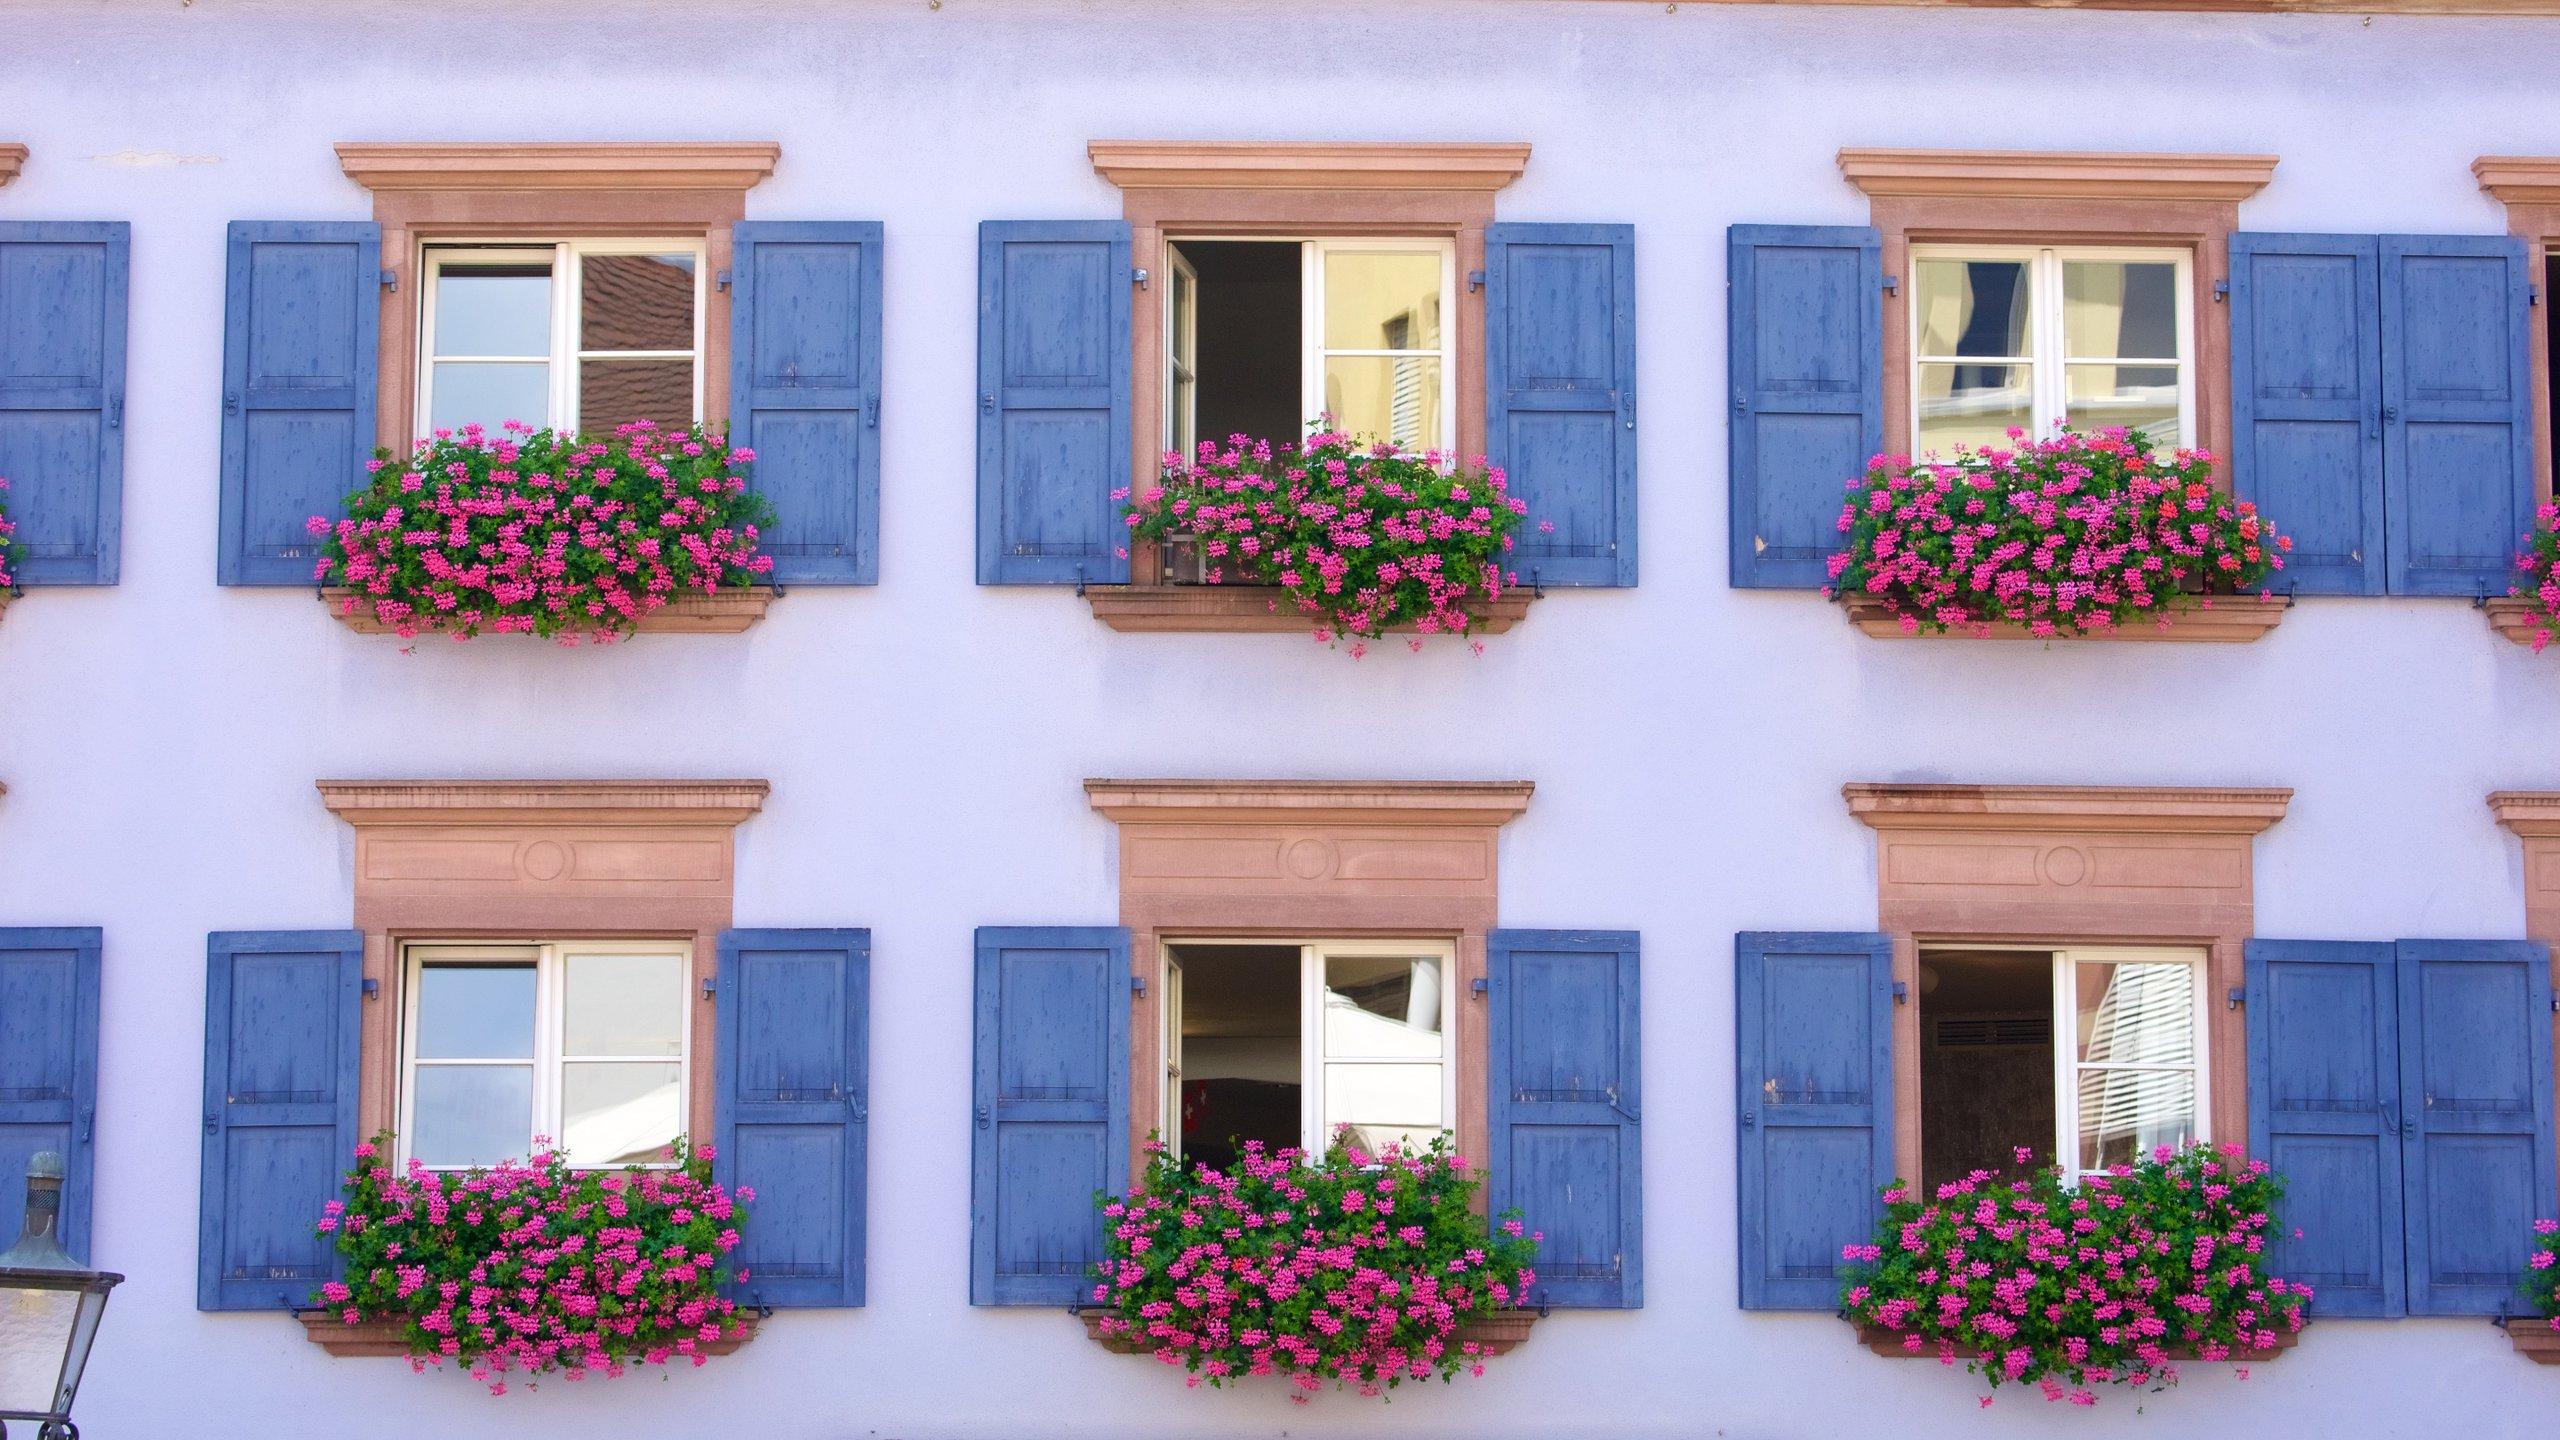 Mitte, Freiburg im Breisgau, Baden-Württemberg, Germany